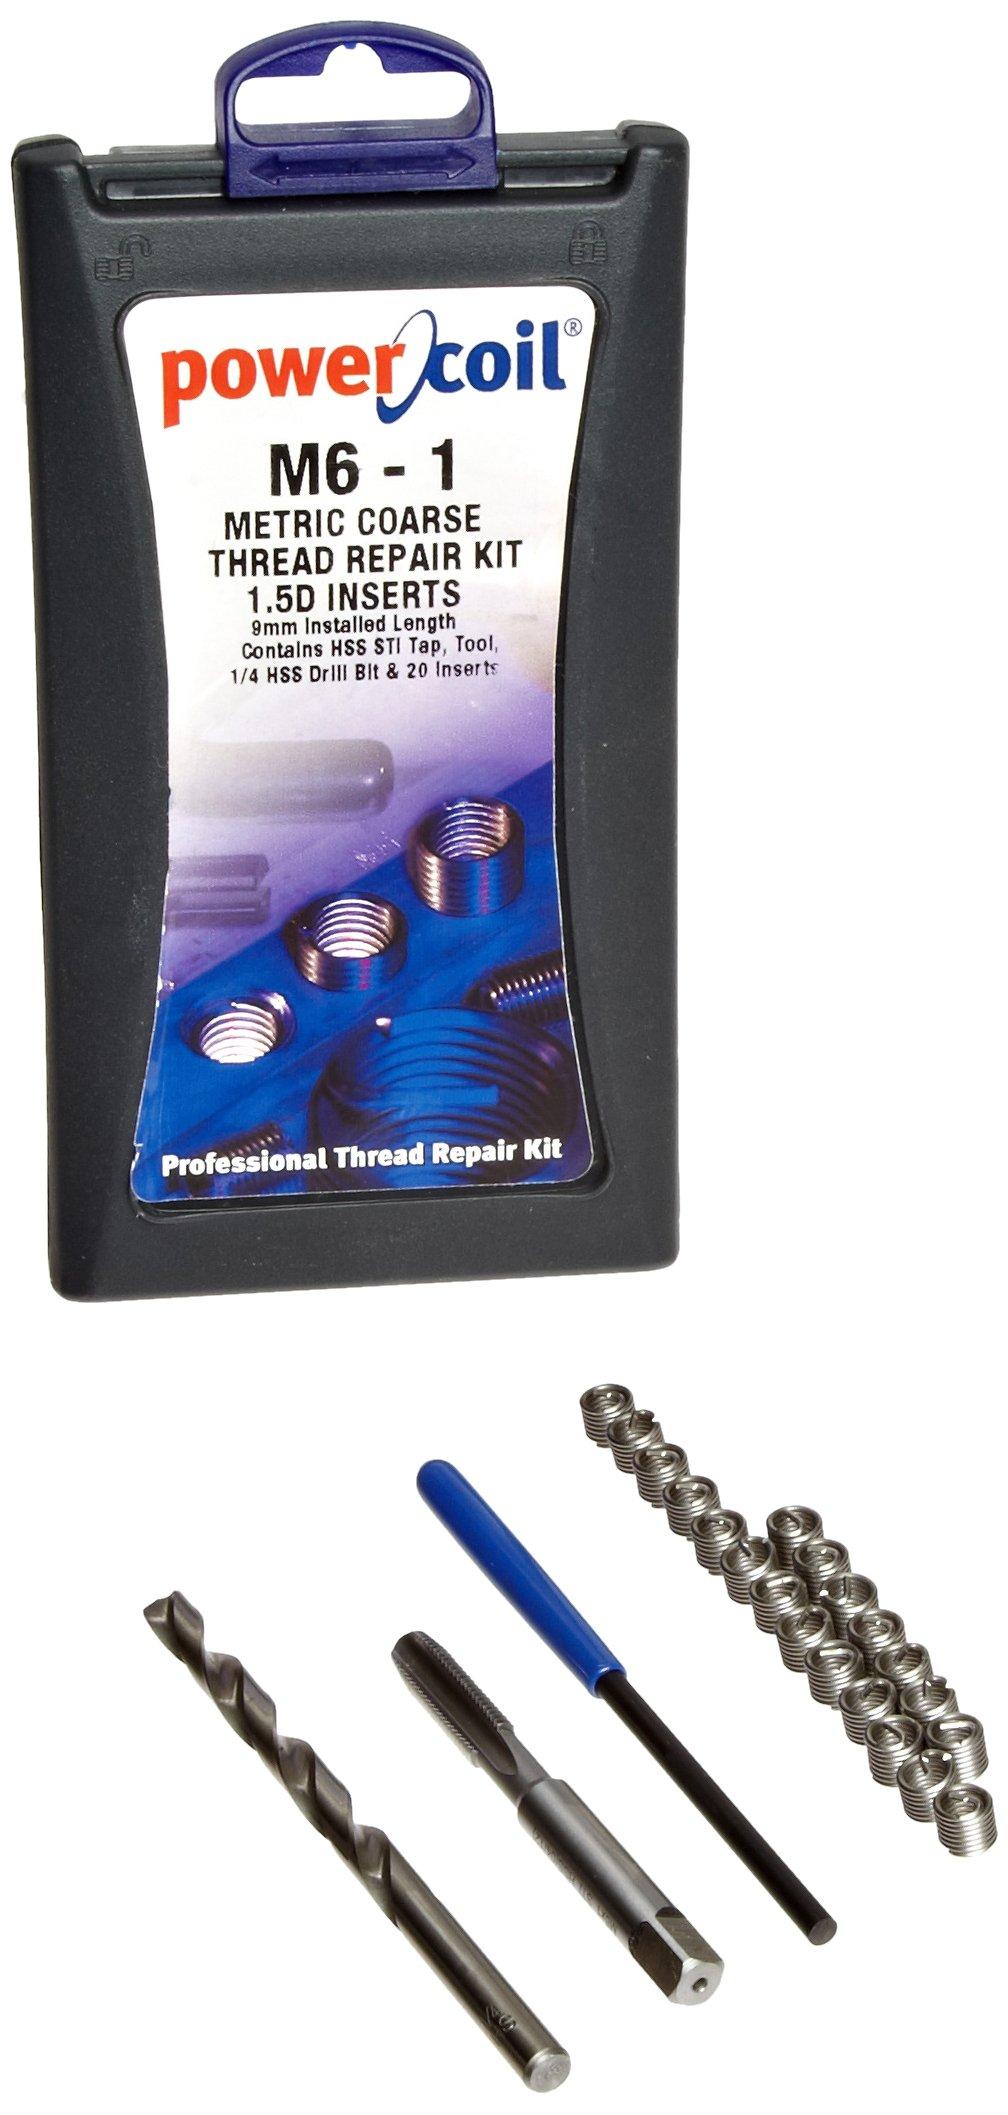 PowerCoil 3520-6.00K Metric Free Running Coil Threaded Insert Kit, 304 Stainless Steel, M6-1.0 Thread Size, 9 mm Installed Length